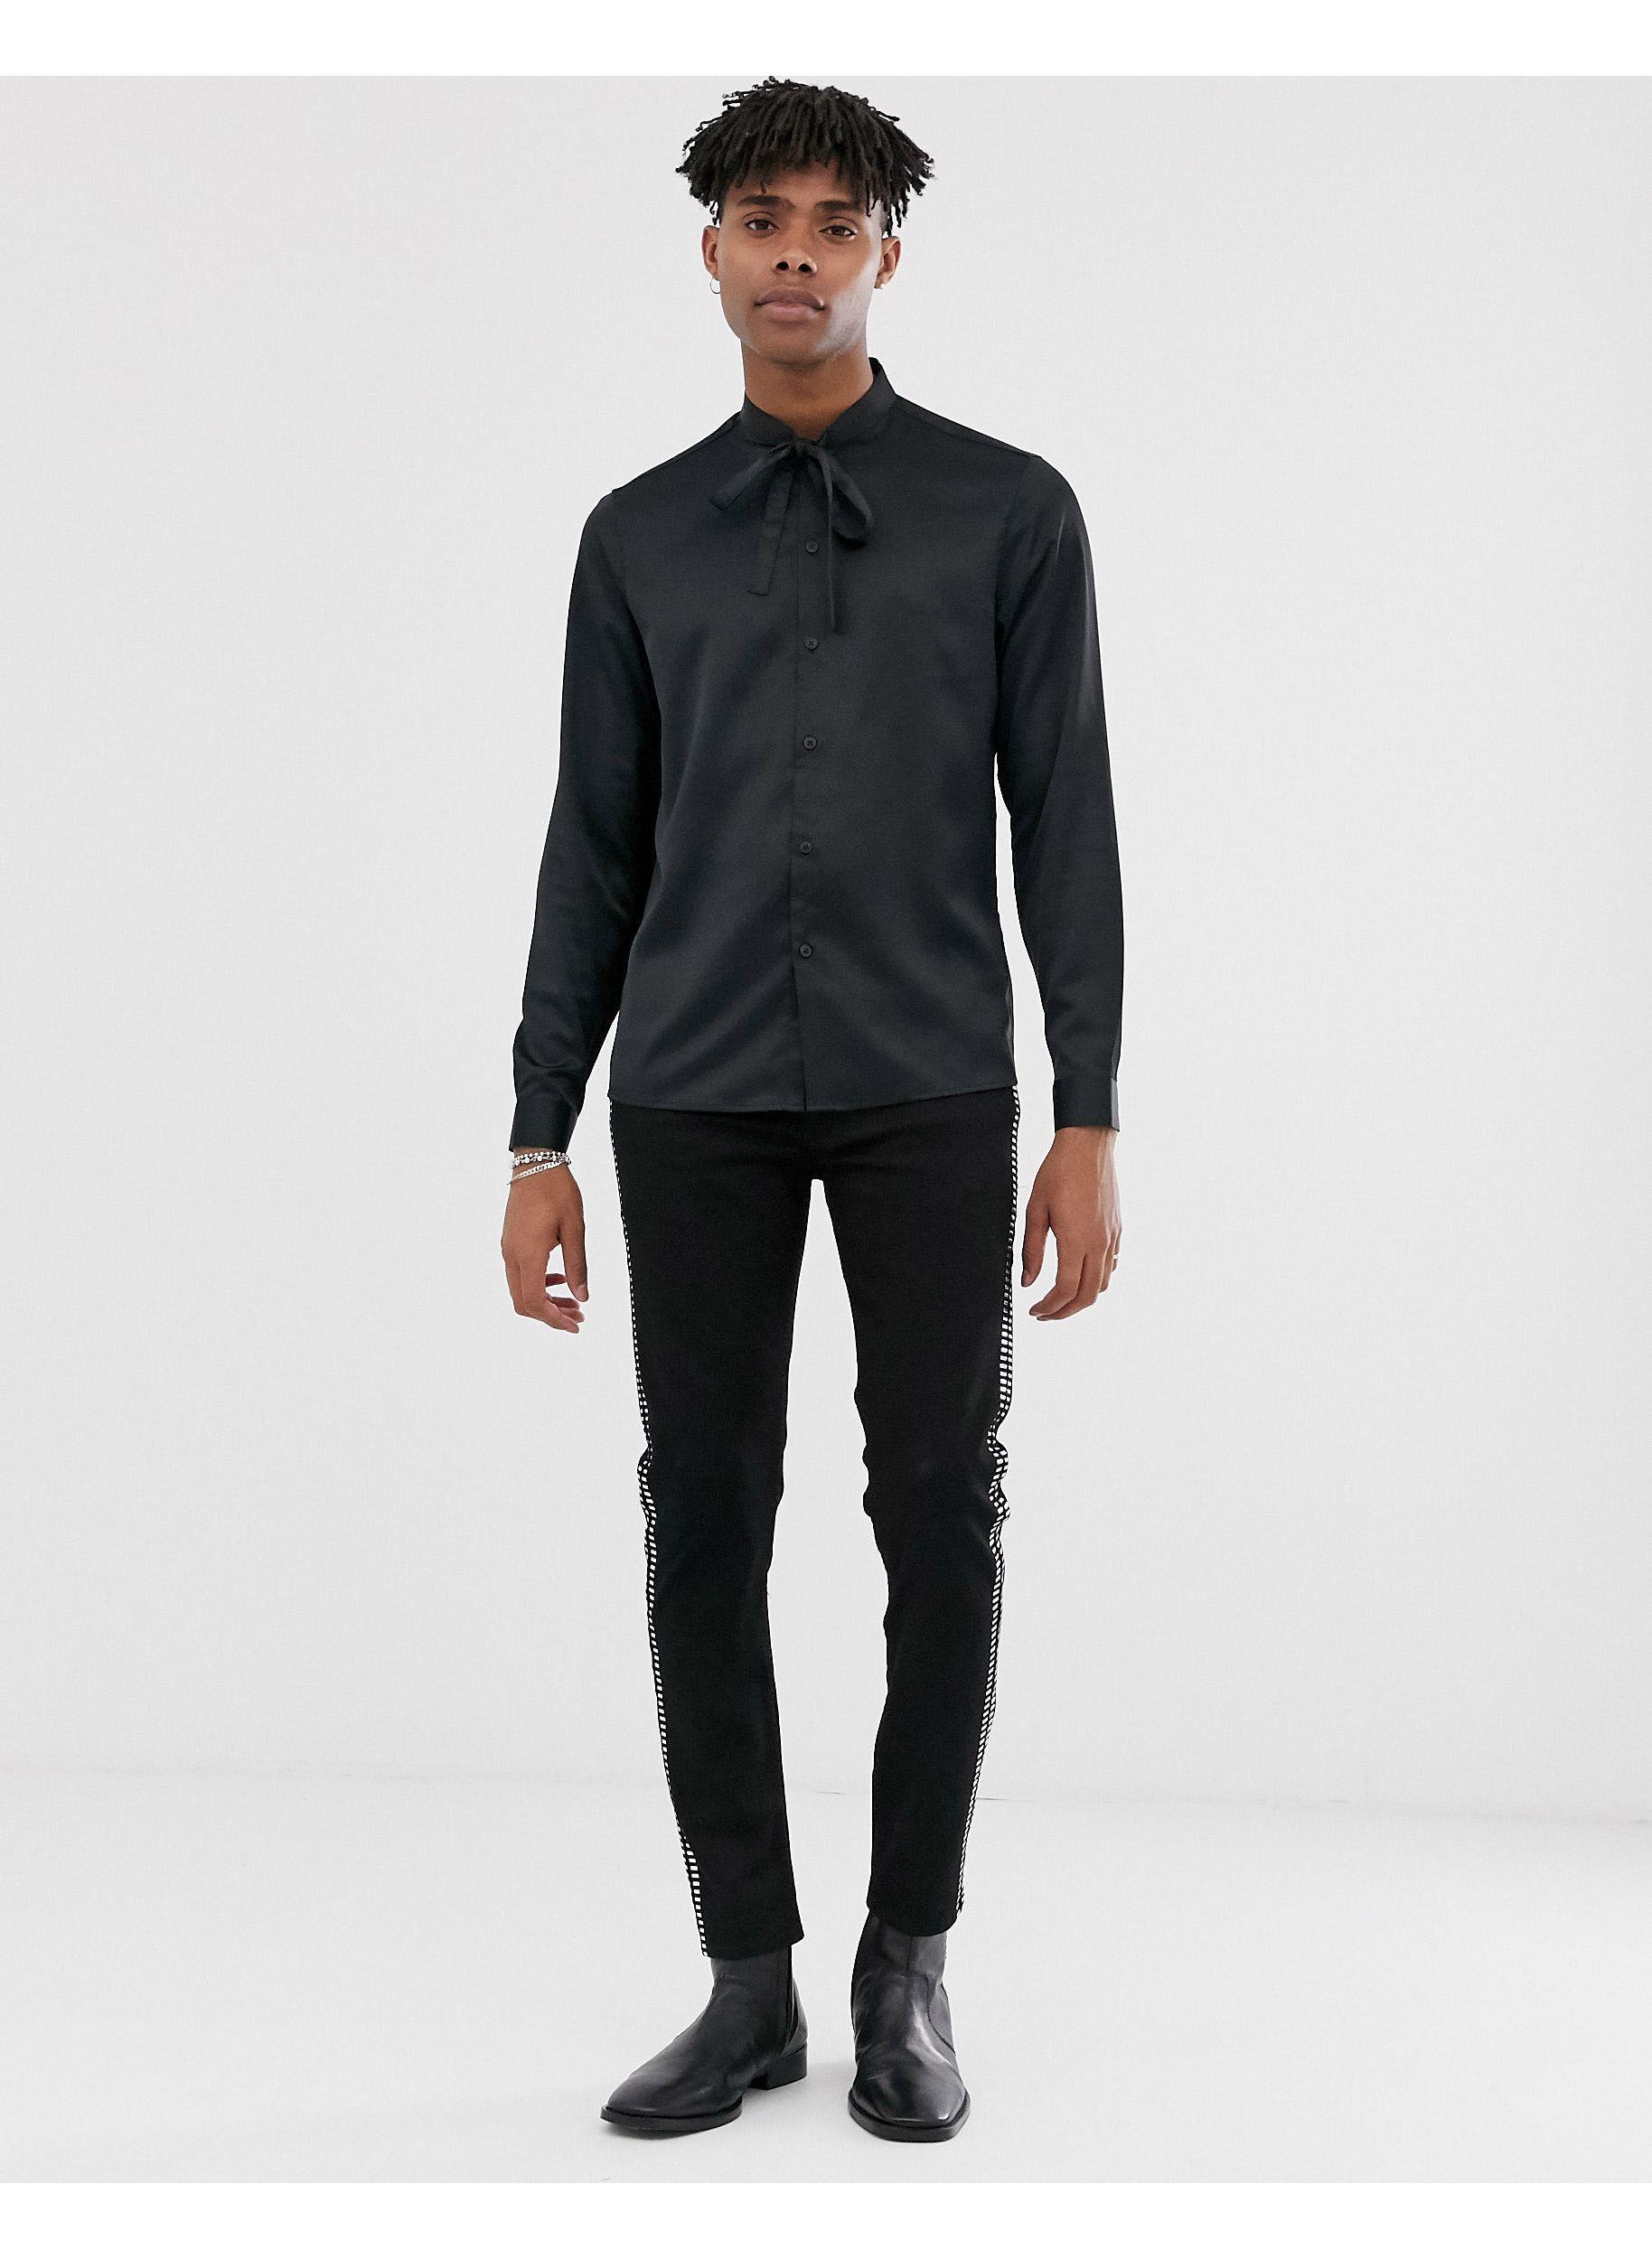 ASOS Satijn Regular-fit Satijnen Overhemd Met Gestrikte Hals in het Zwart voor heren